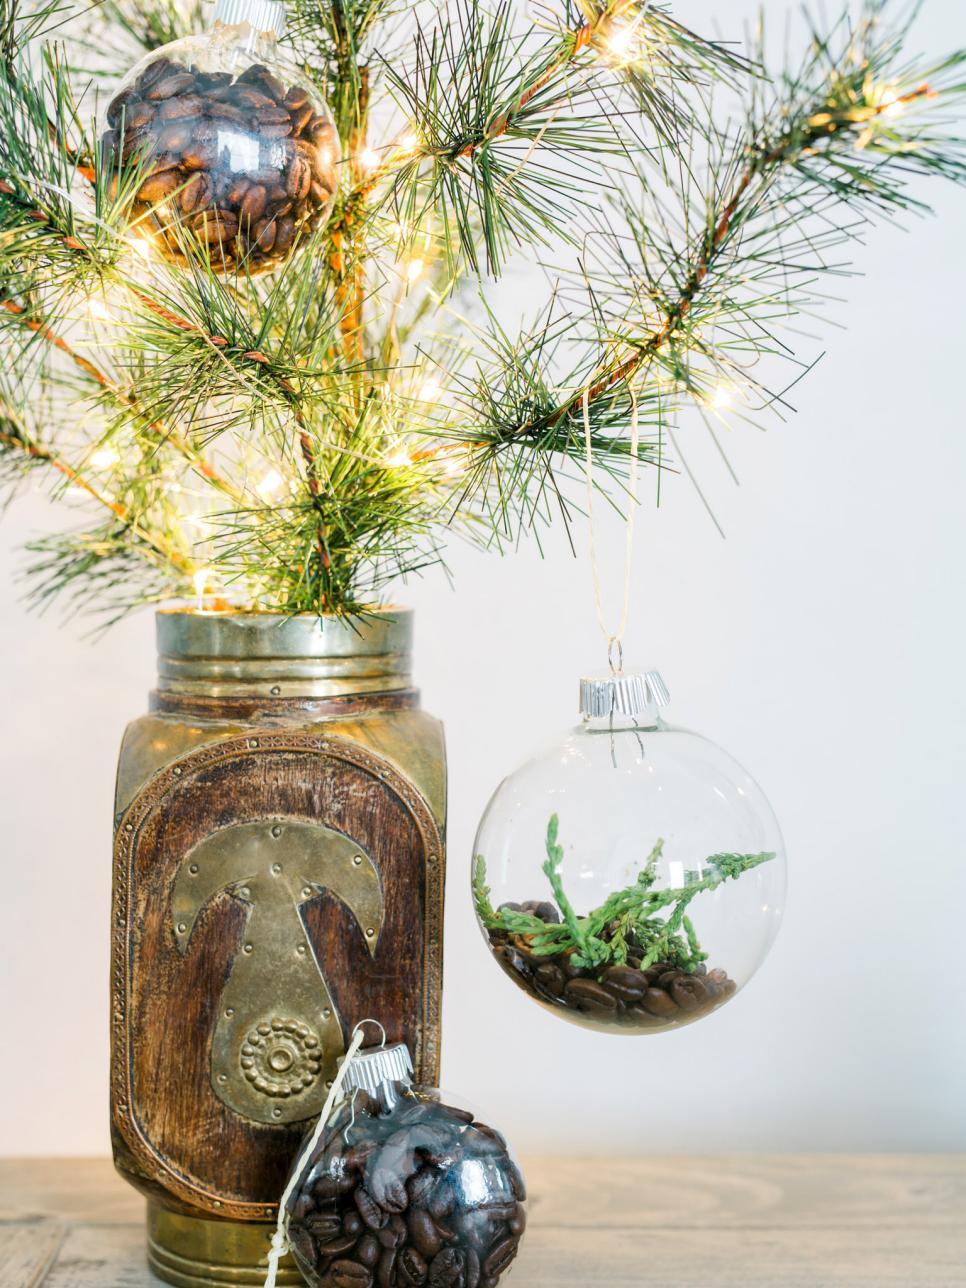 Coffee Bean Ornaments